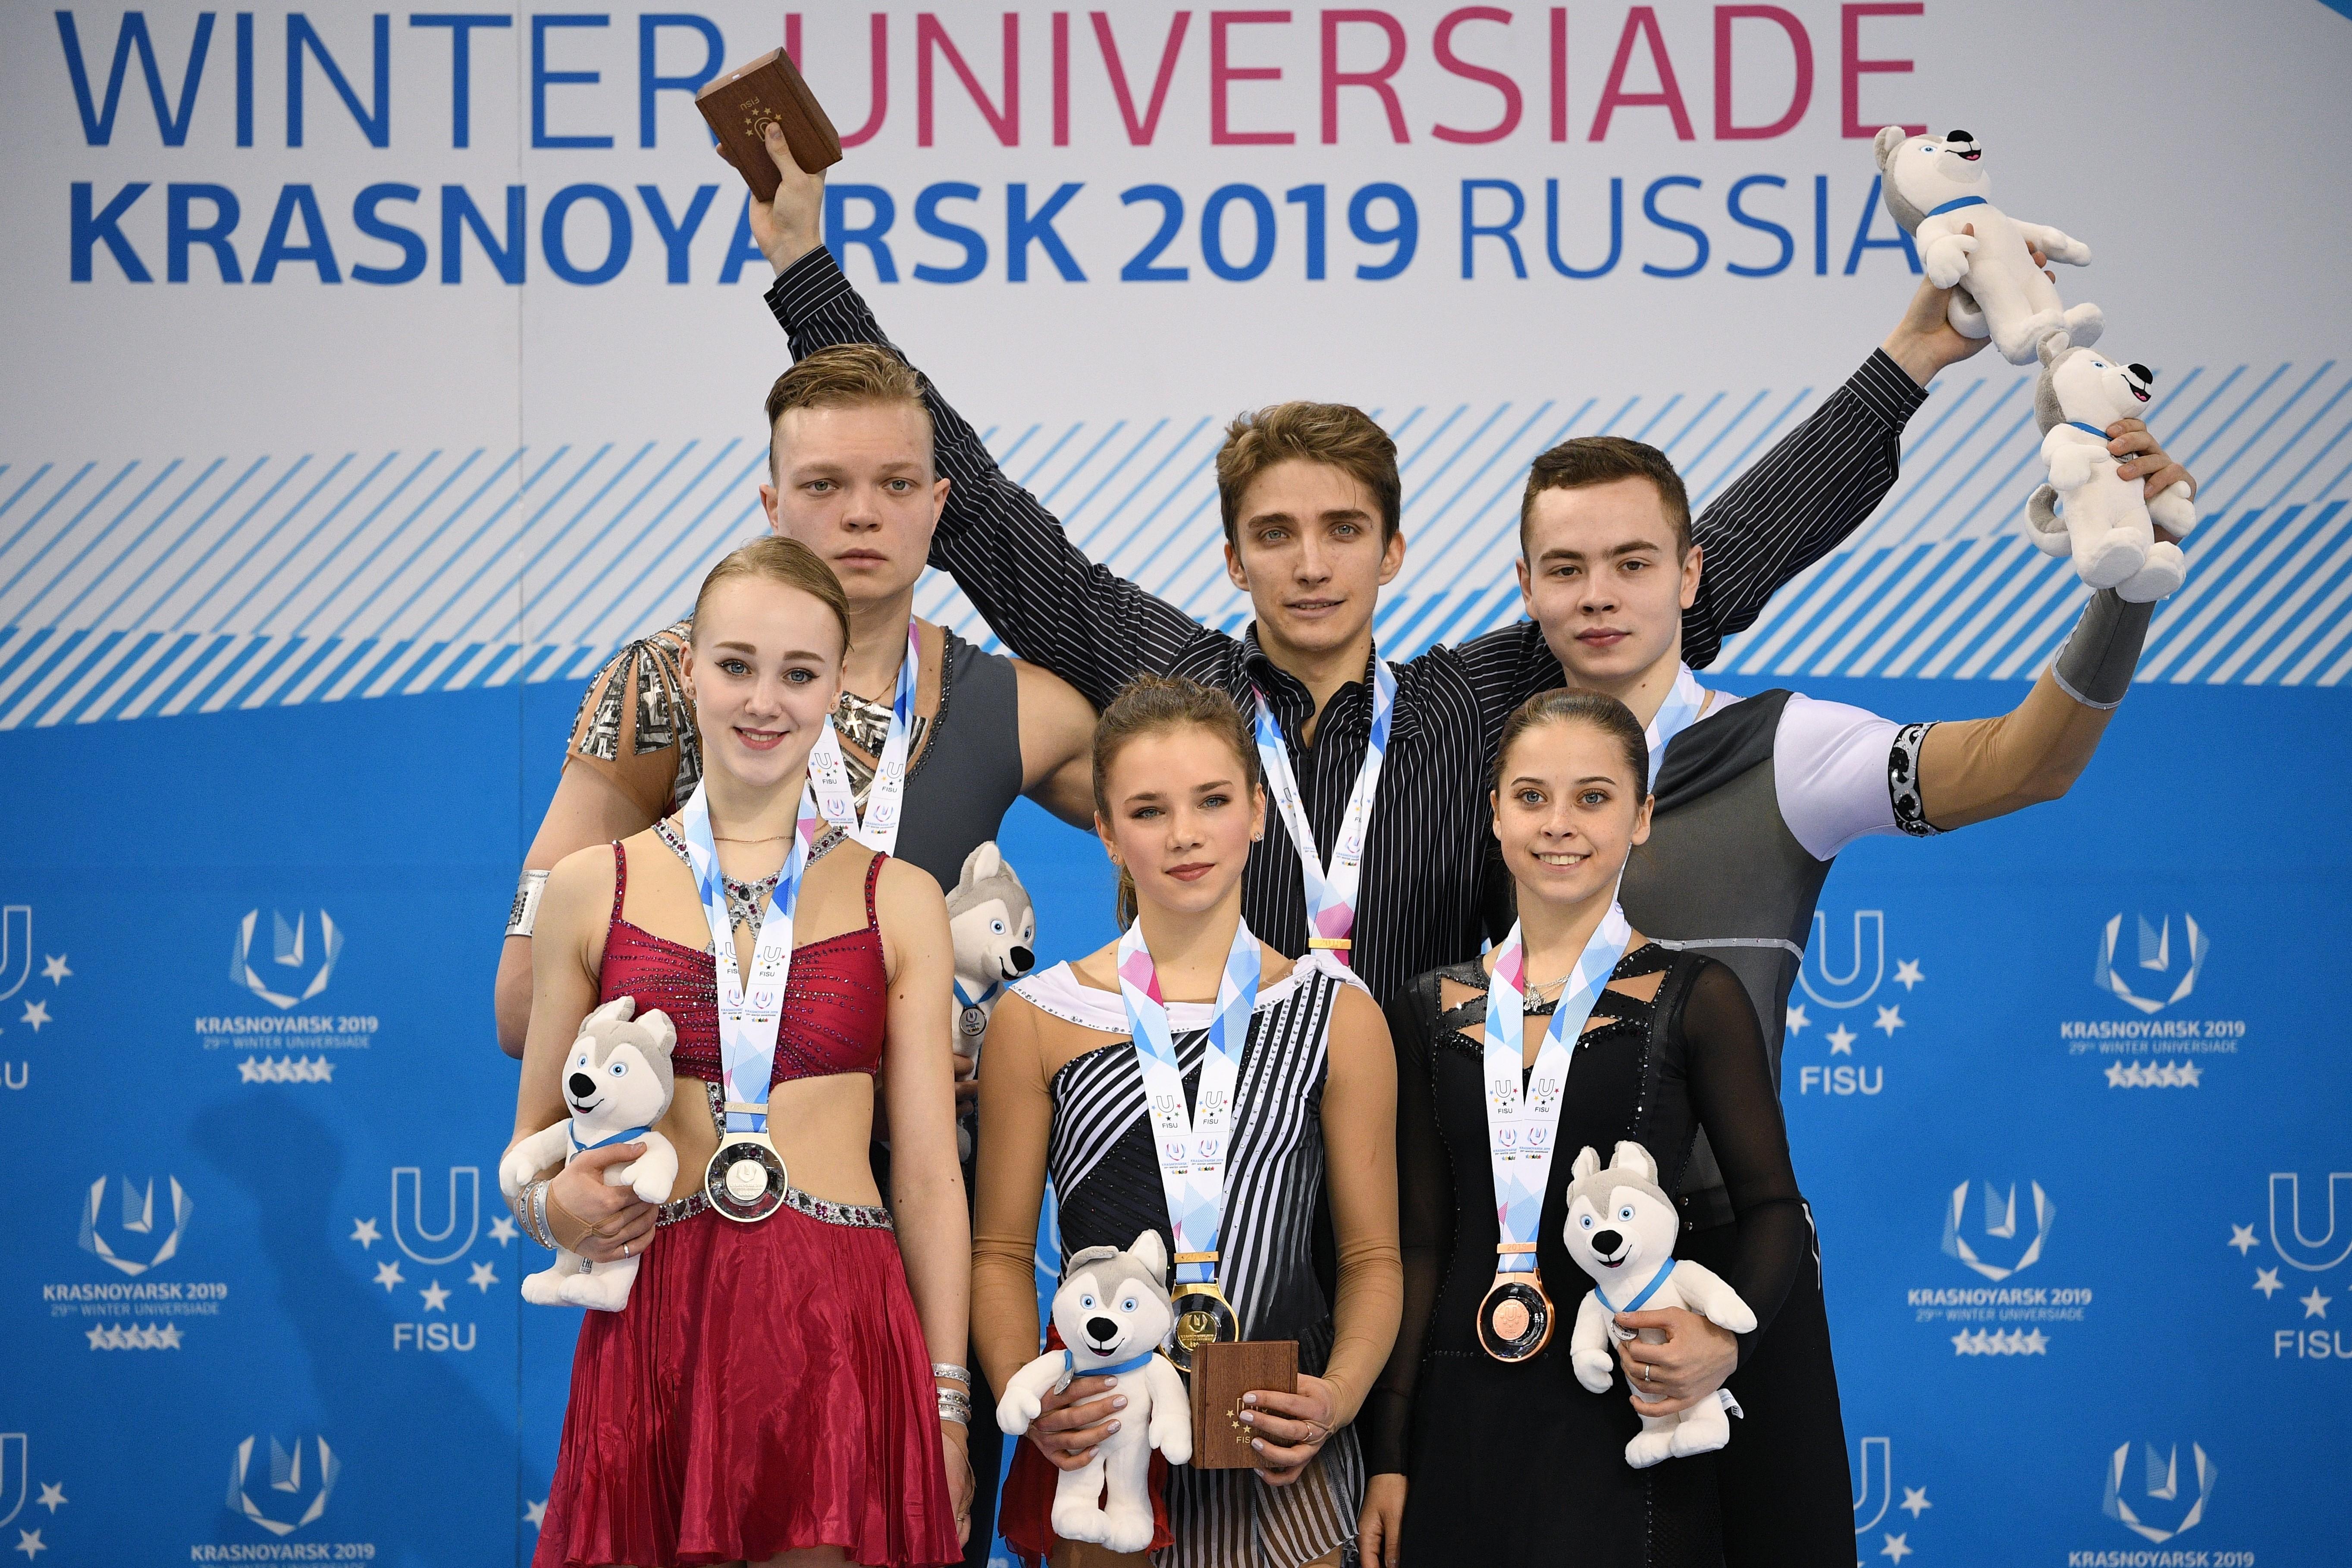 <p>Пьедестал у спортивных пар получился исключительно российским. Фото: © РИА Новости/Владимир Астапкович</p>